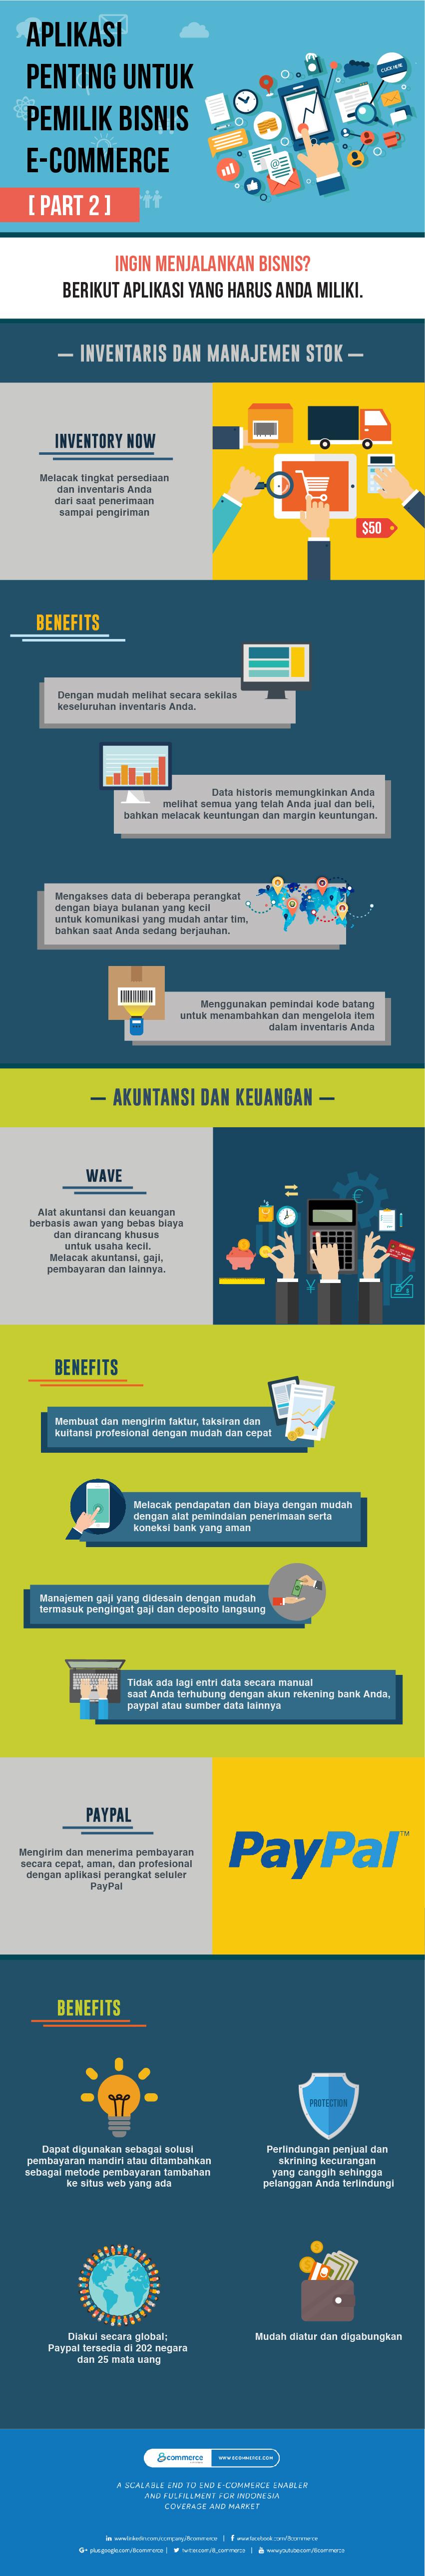 aplikasi-penting-untuk -bisnis-ecommerce-02